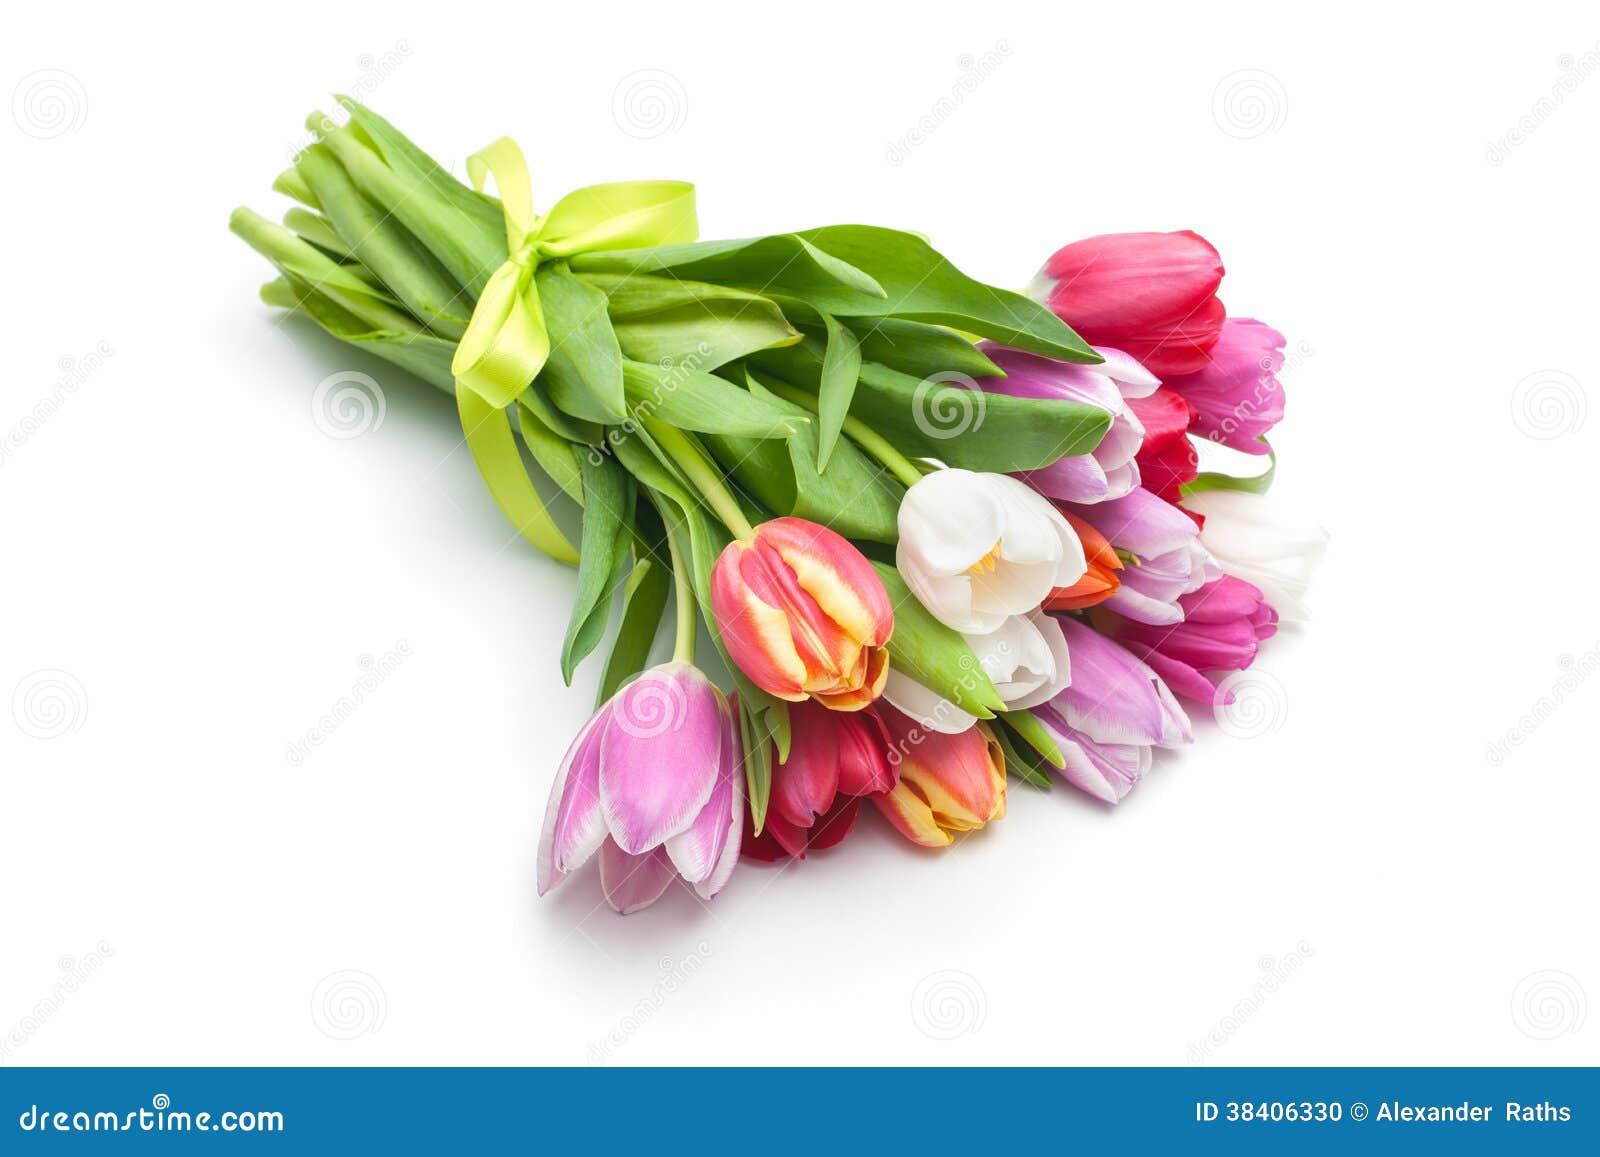 petit bouquet des fleurs de tulipes de ressort photo stock image du festive gratitude 38406330. Black Bedroom Furniture Sets. Home Design Ideas